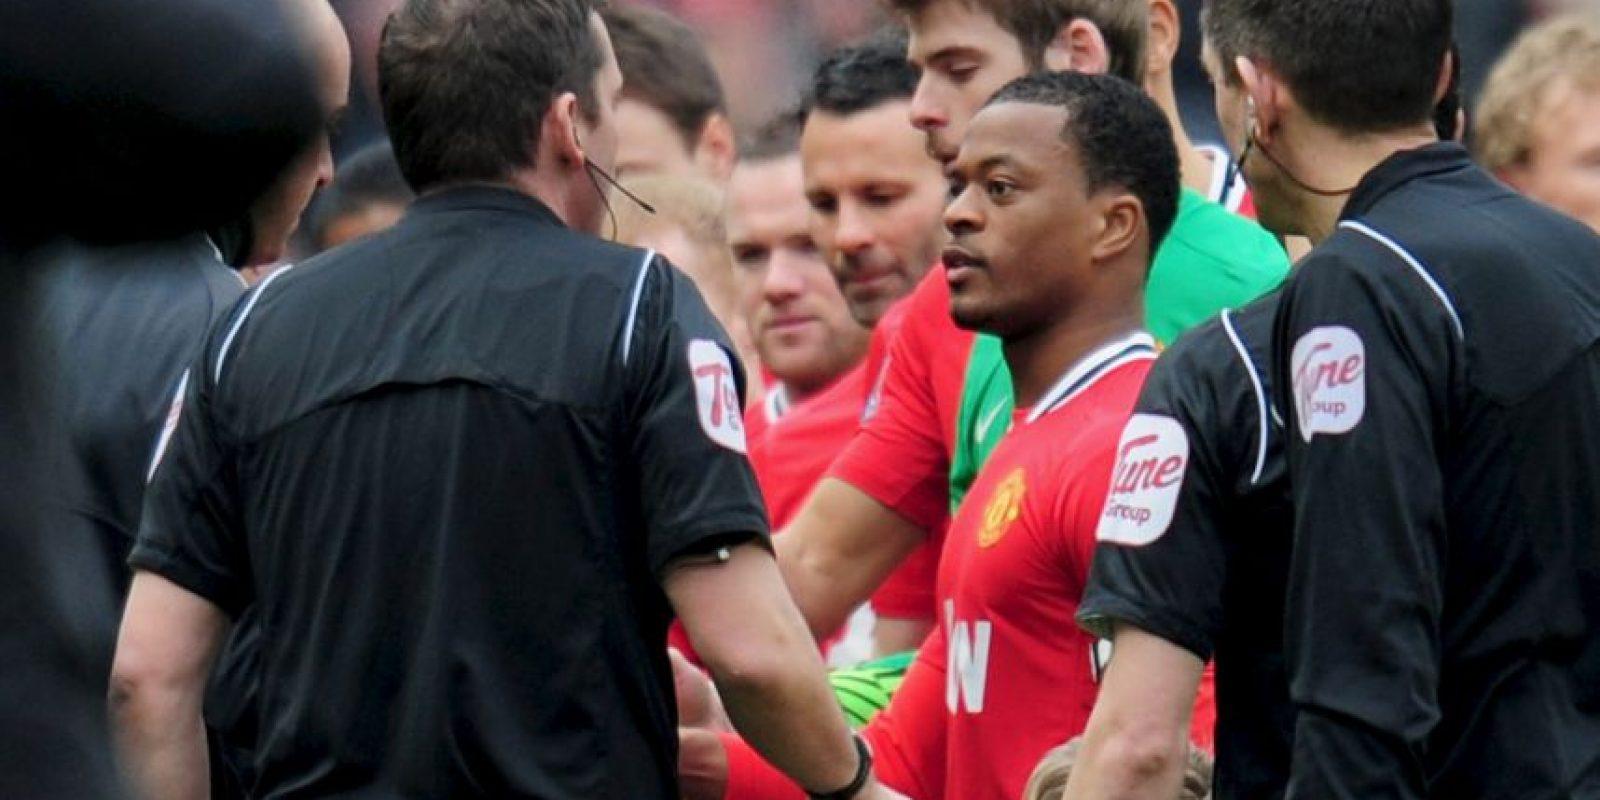 La primera vez que se vieron tras el incidente, Suárez le negó el saludo a Evra, quien sí le extendió la mano. Foto:Getty Images